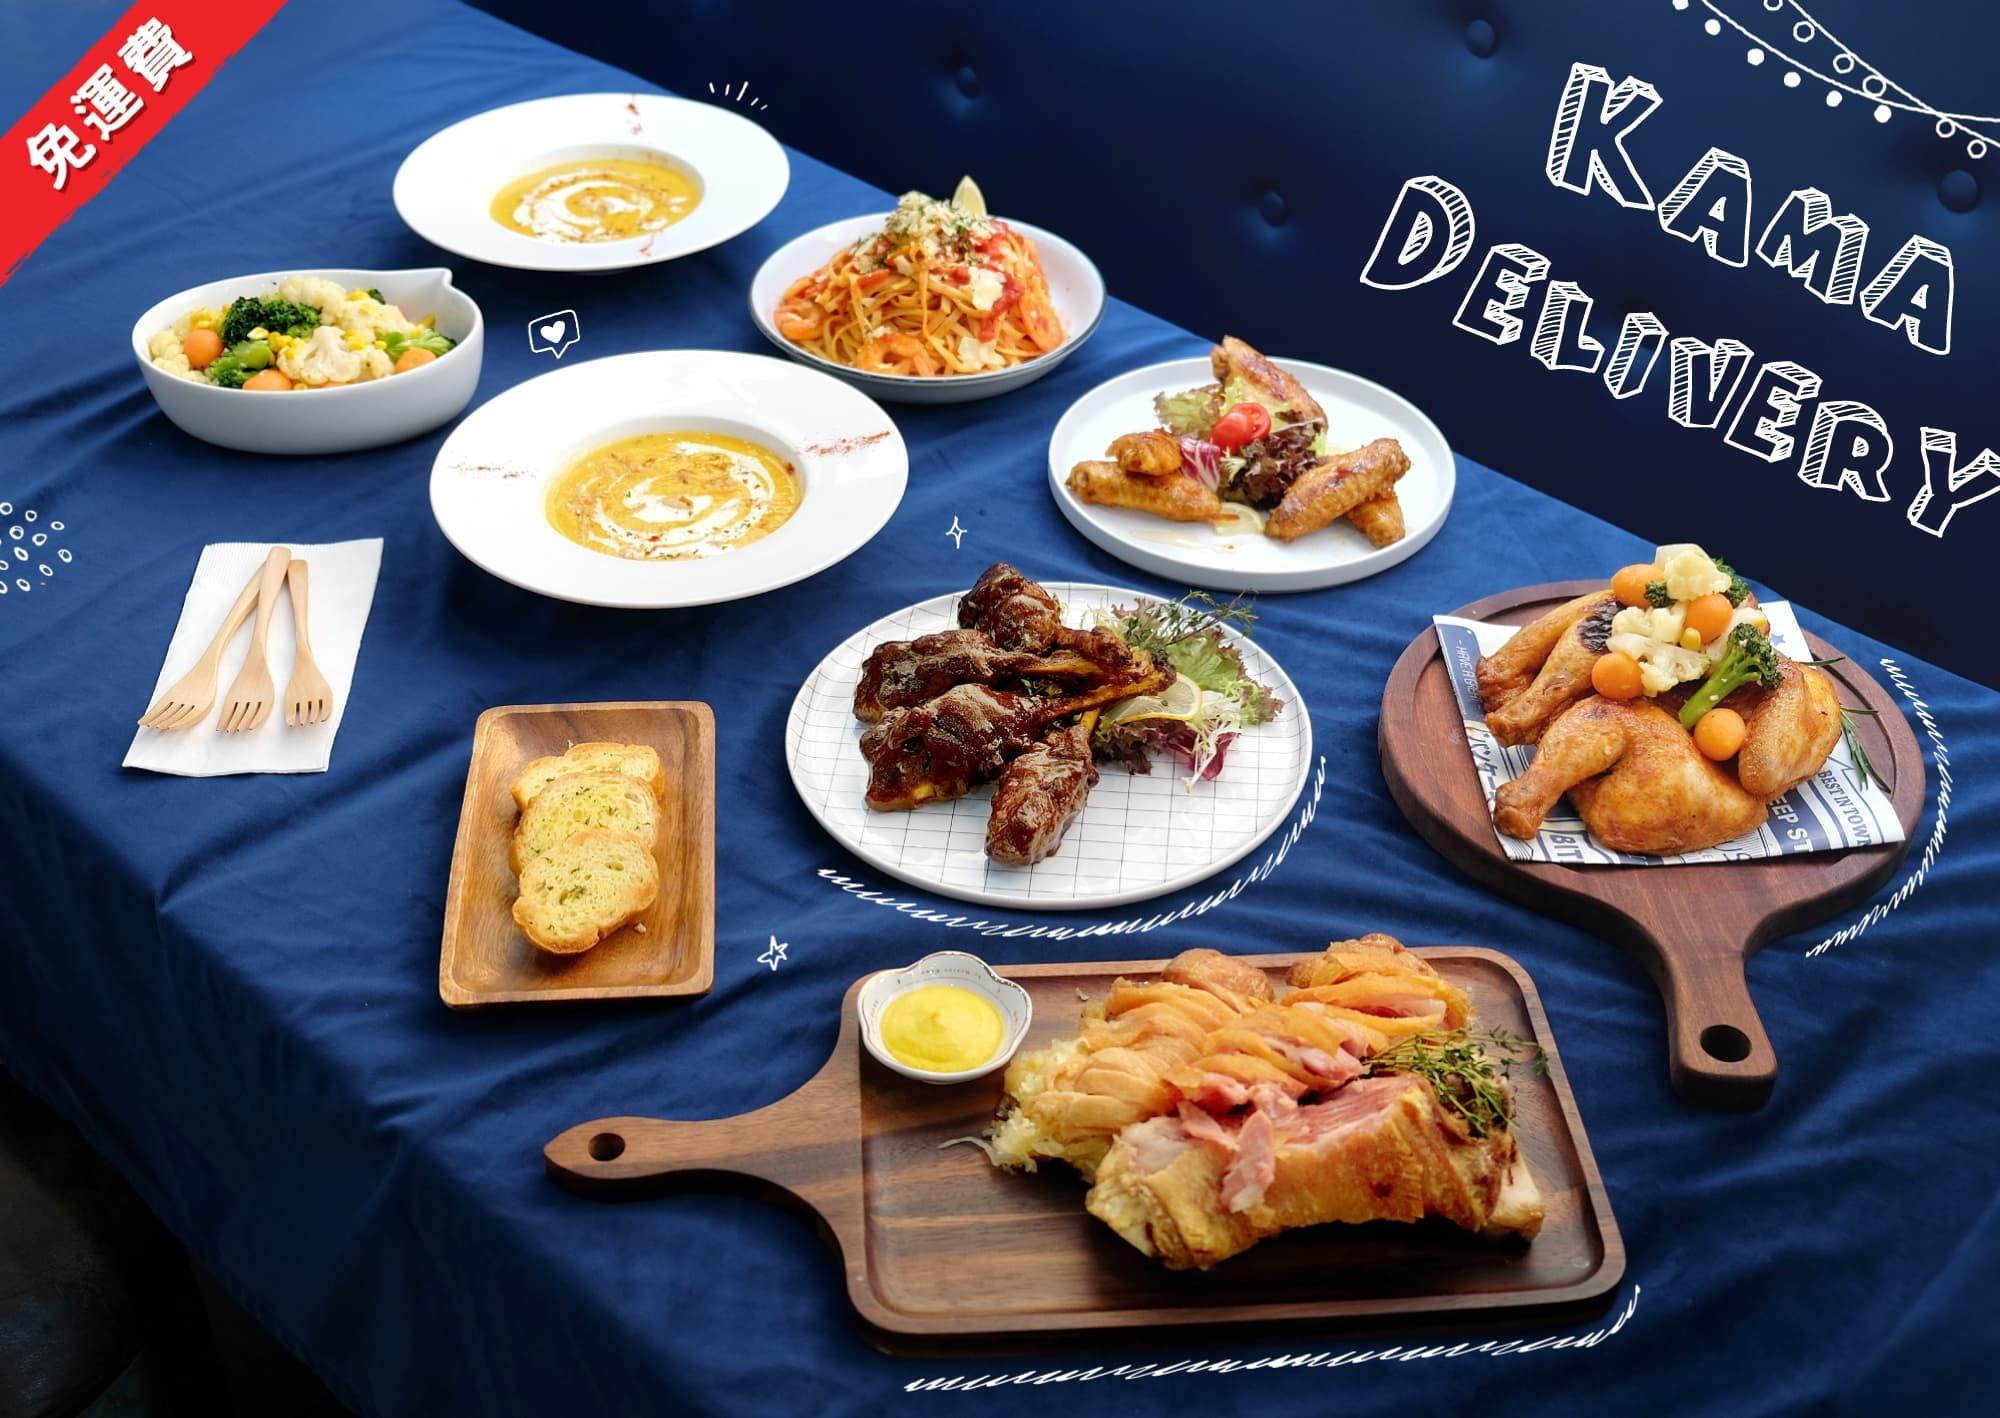 物超所值到會訂購 Kama Delivery為各位預備各款抵食到會外賣速遞套餐跟單點美食,有多款一口小食及西式主菜供預訂!